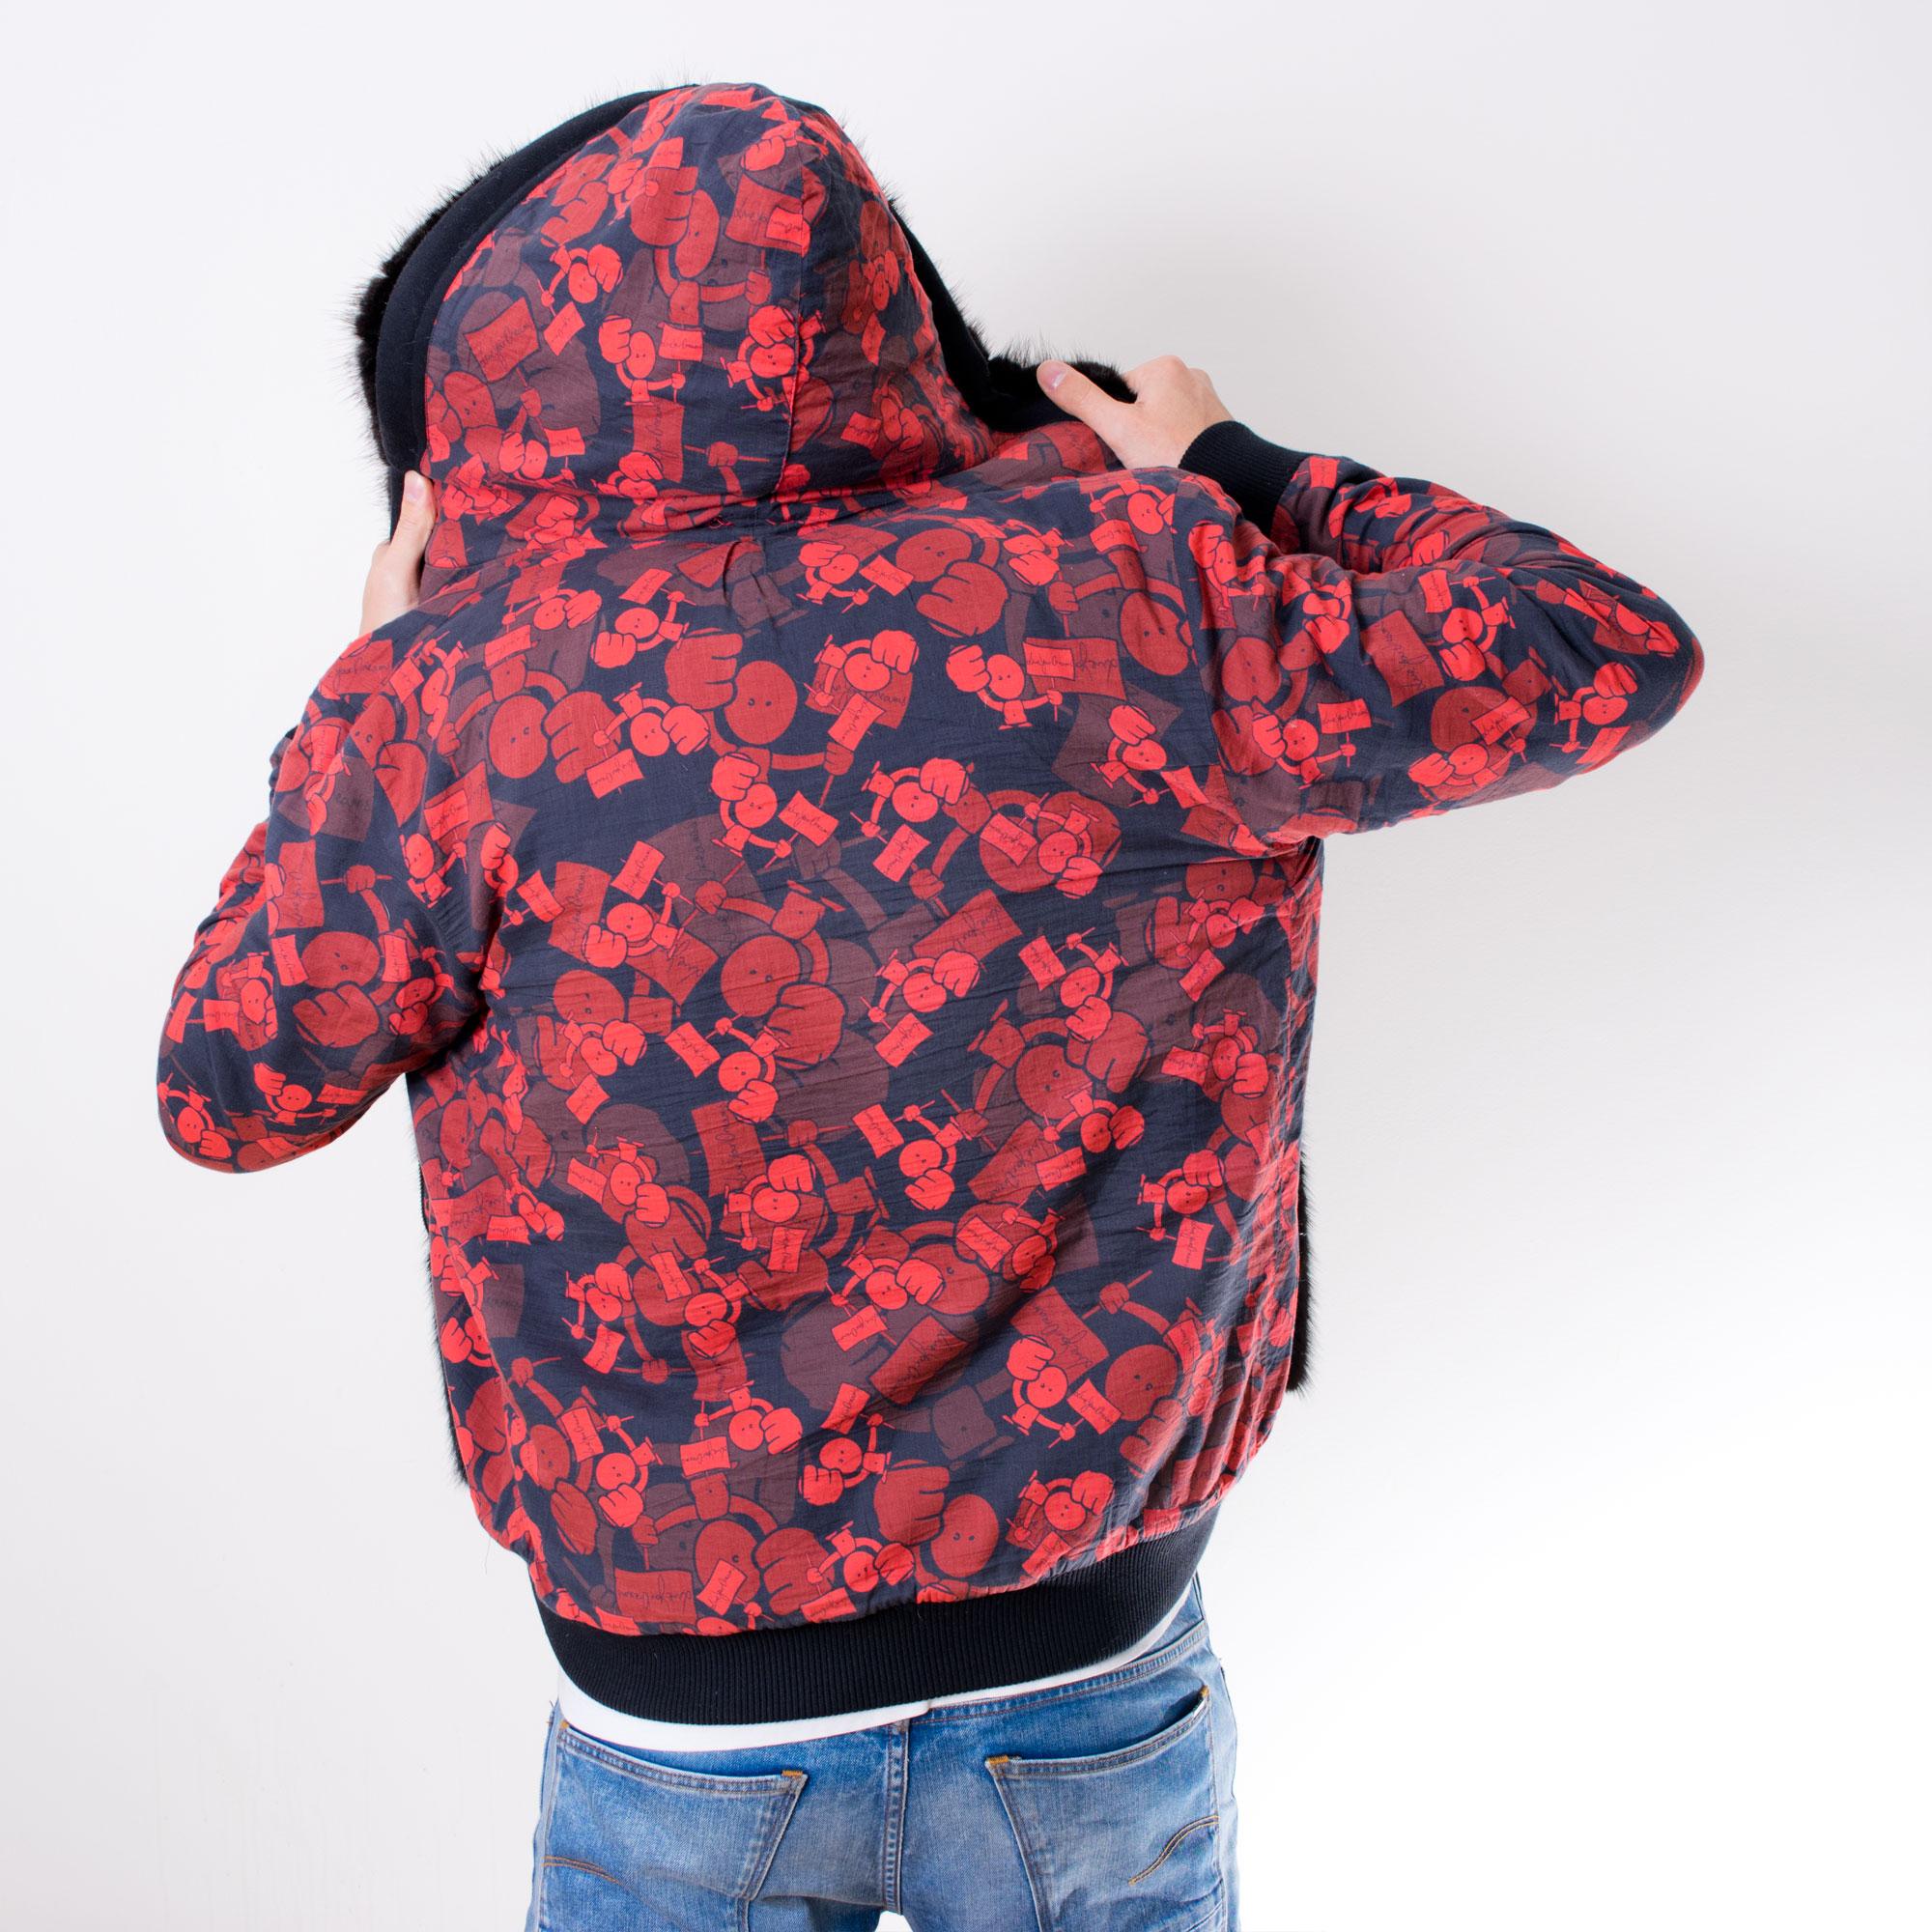 The Hoodie - Number 1 - Custom fur lined hoodie - back